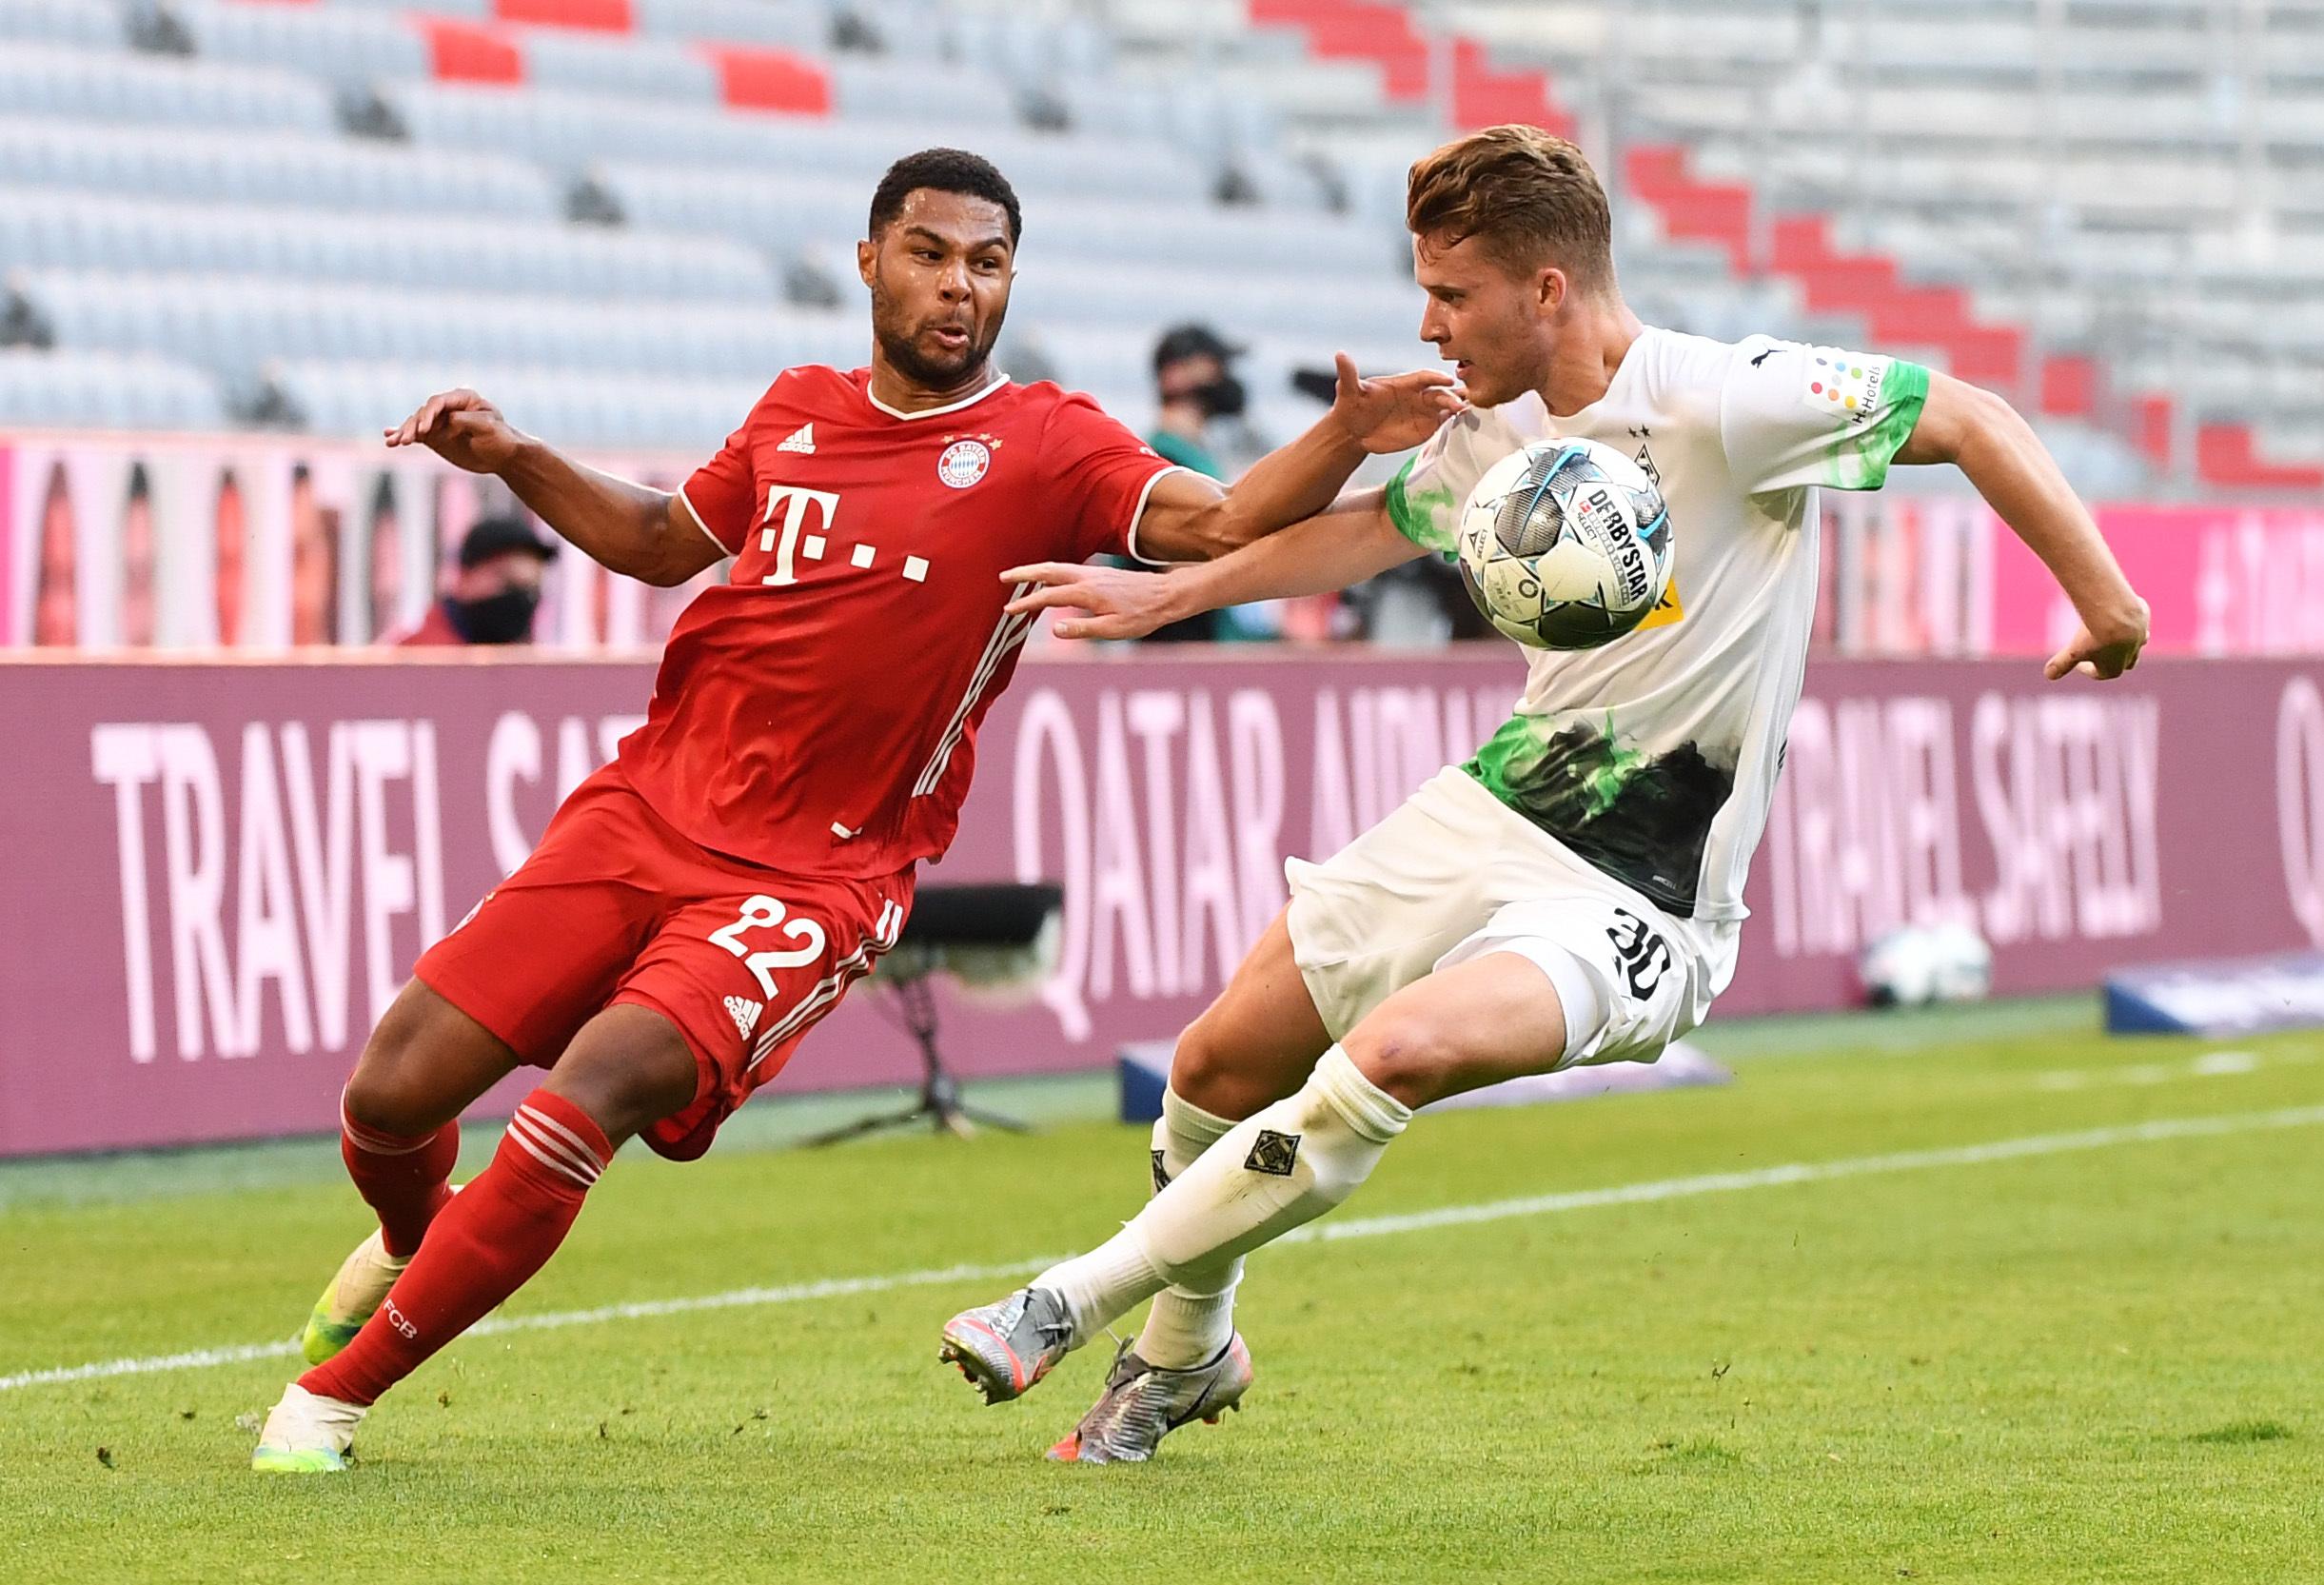 FC Bayern München - Borussia Mönchengladbach: Ausgeglichenes Topspiel in der Allianz Arena.